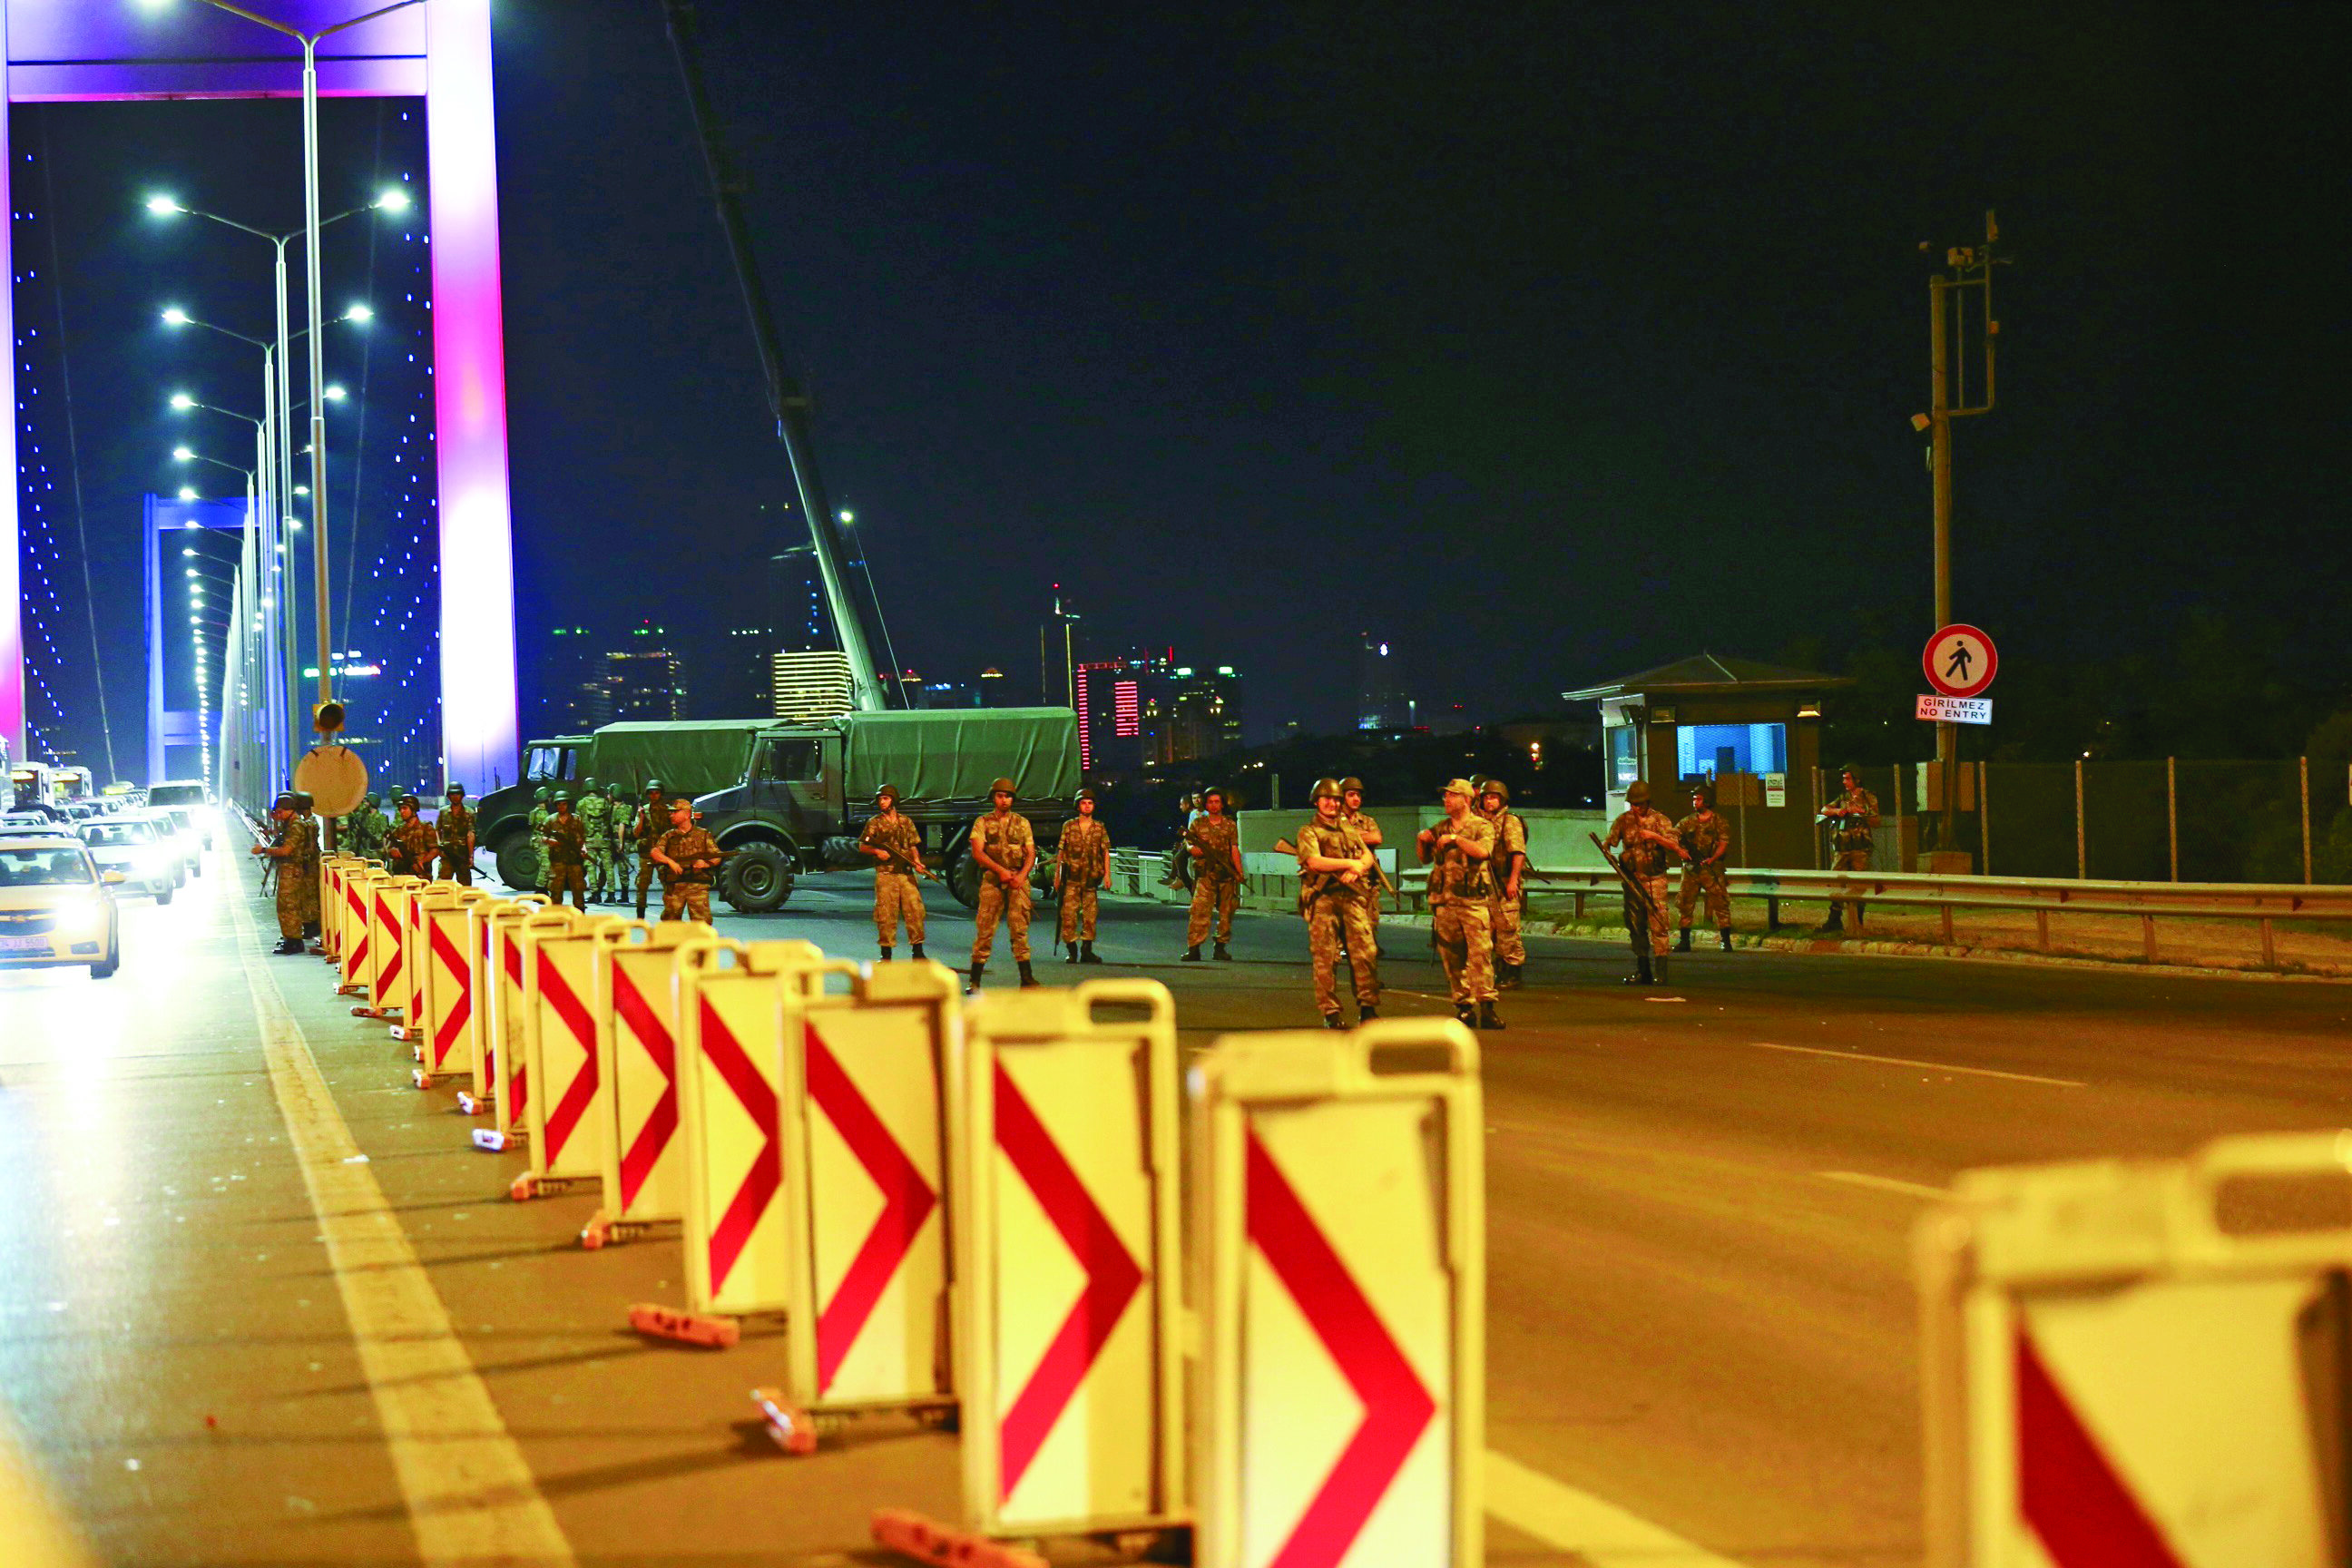 İstanbul'da Boğaziçi ve Fatih Sultan Mehmet Köprüsü'nde Anadolu'dan Avrupa Yakası'na geçiş yolu darbeci askerler tarafından trafiğe kapatıldı.